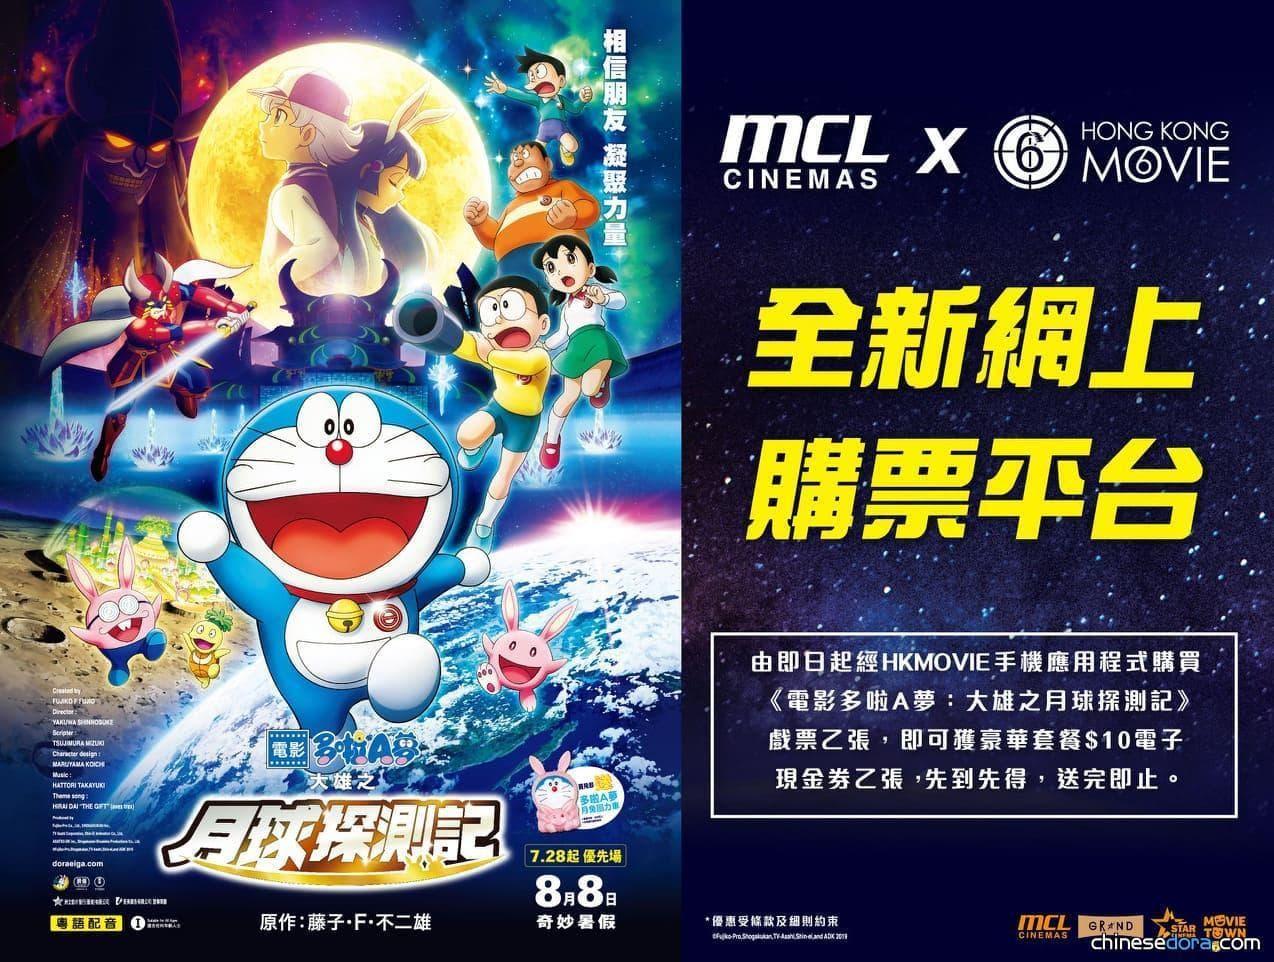 [香港] 用 HKMovie APP 購買《電影哆啦A夢:大雄之月球探測記》戲票 即享有MCL獨家優惠